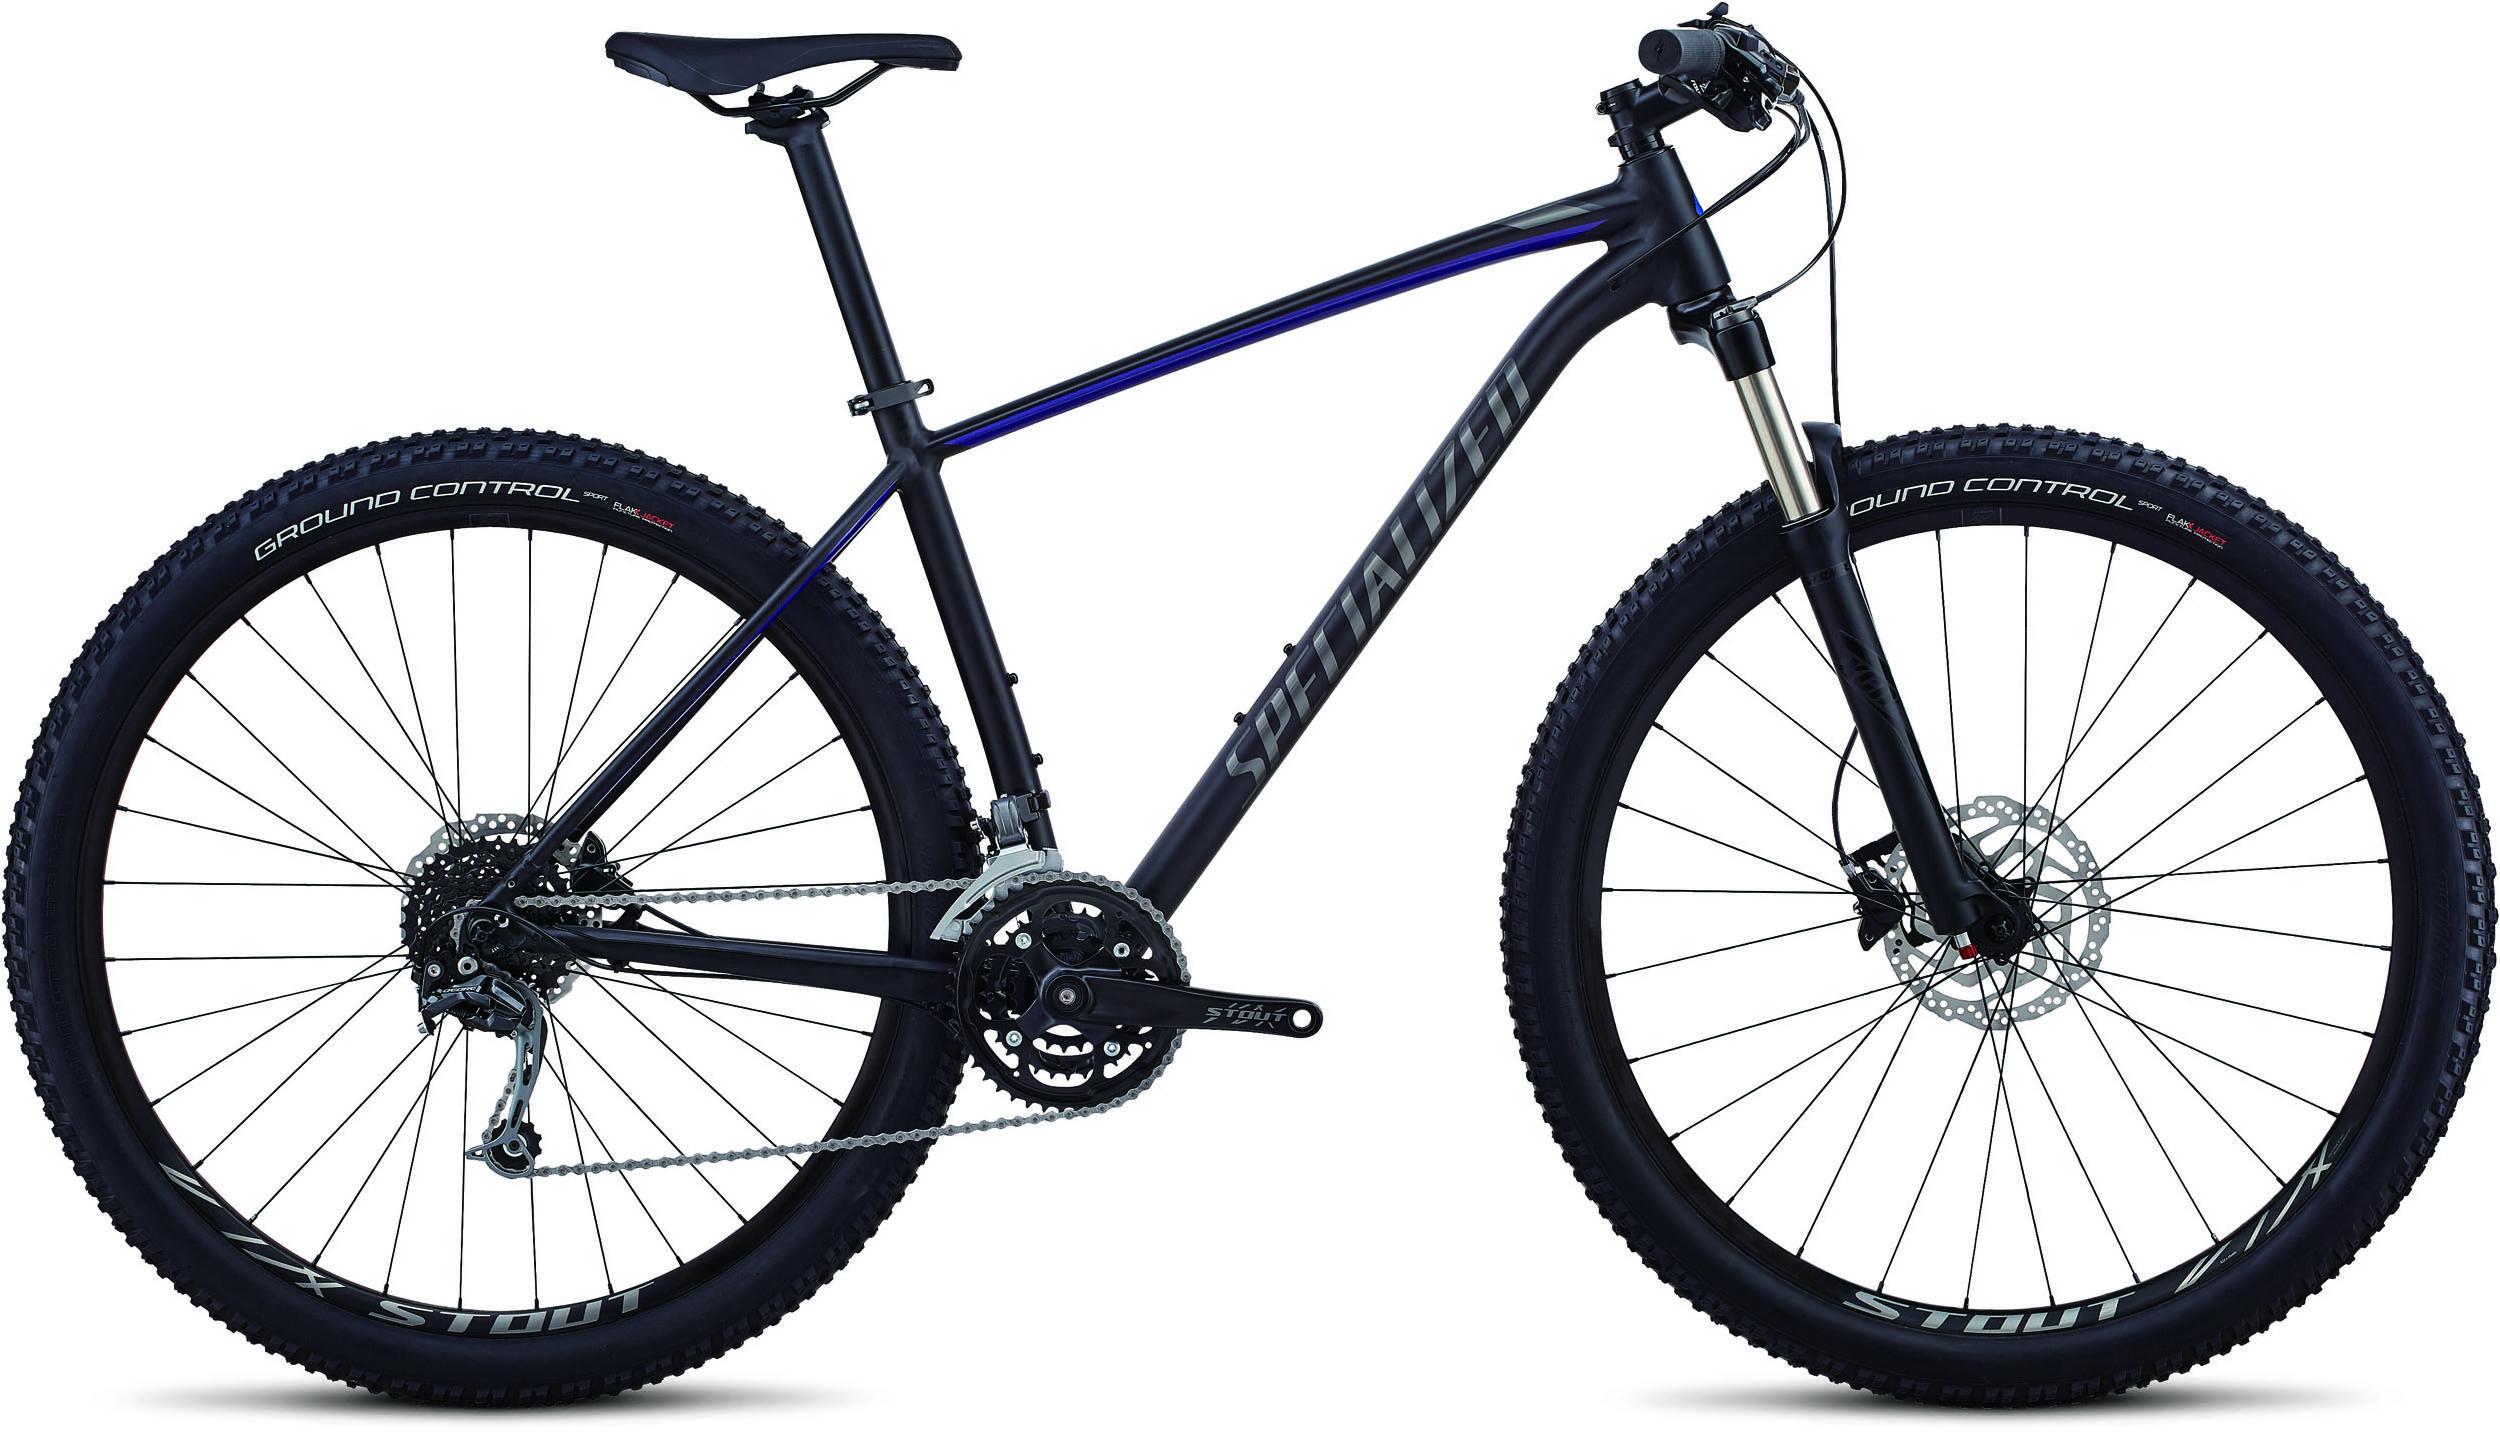 576510697 Specialized Men's Rockhopper Expert - S | 29″ kolesá | Bike ...